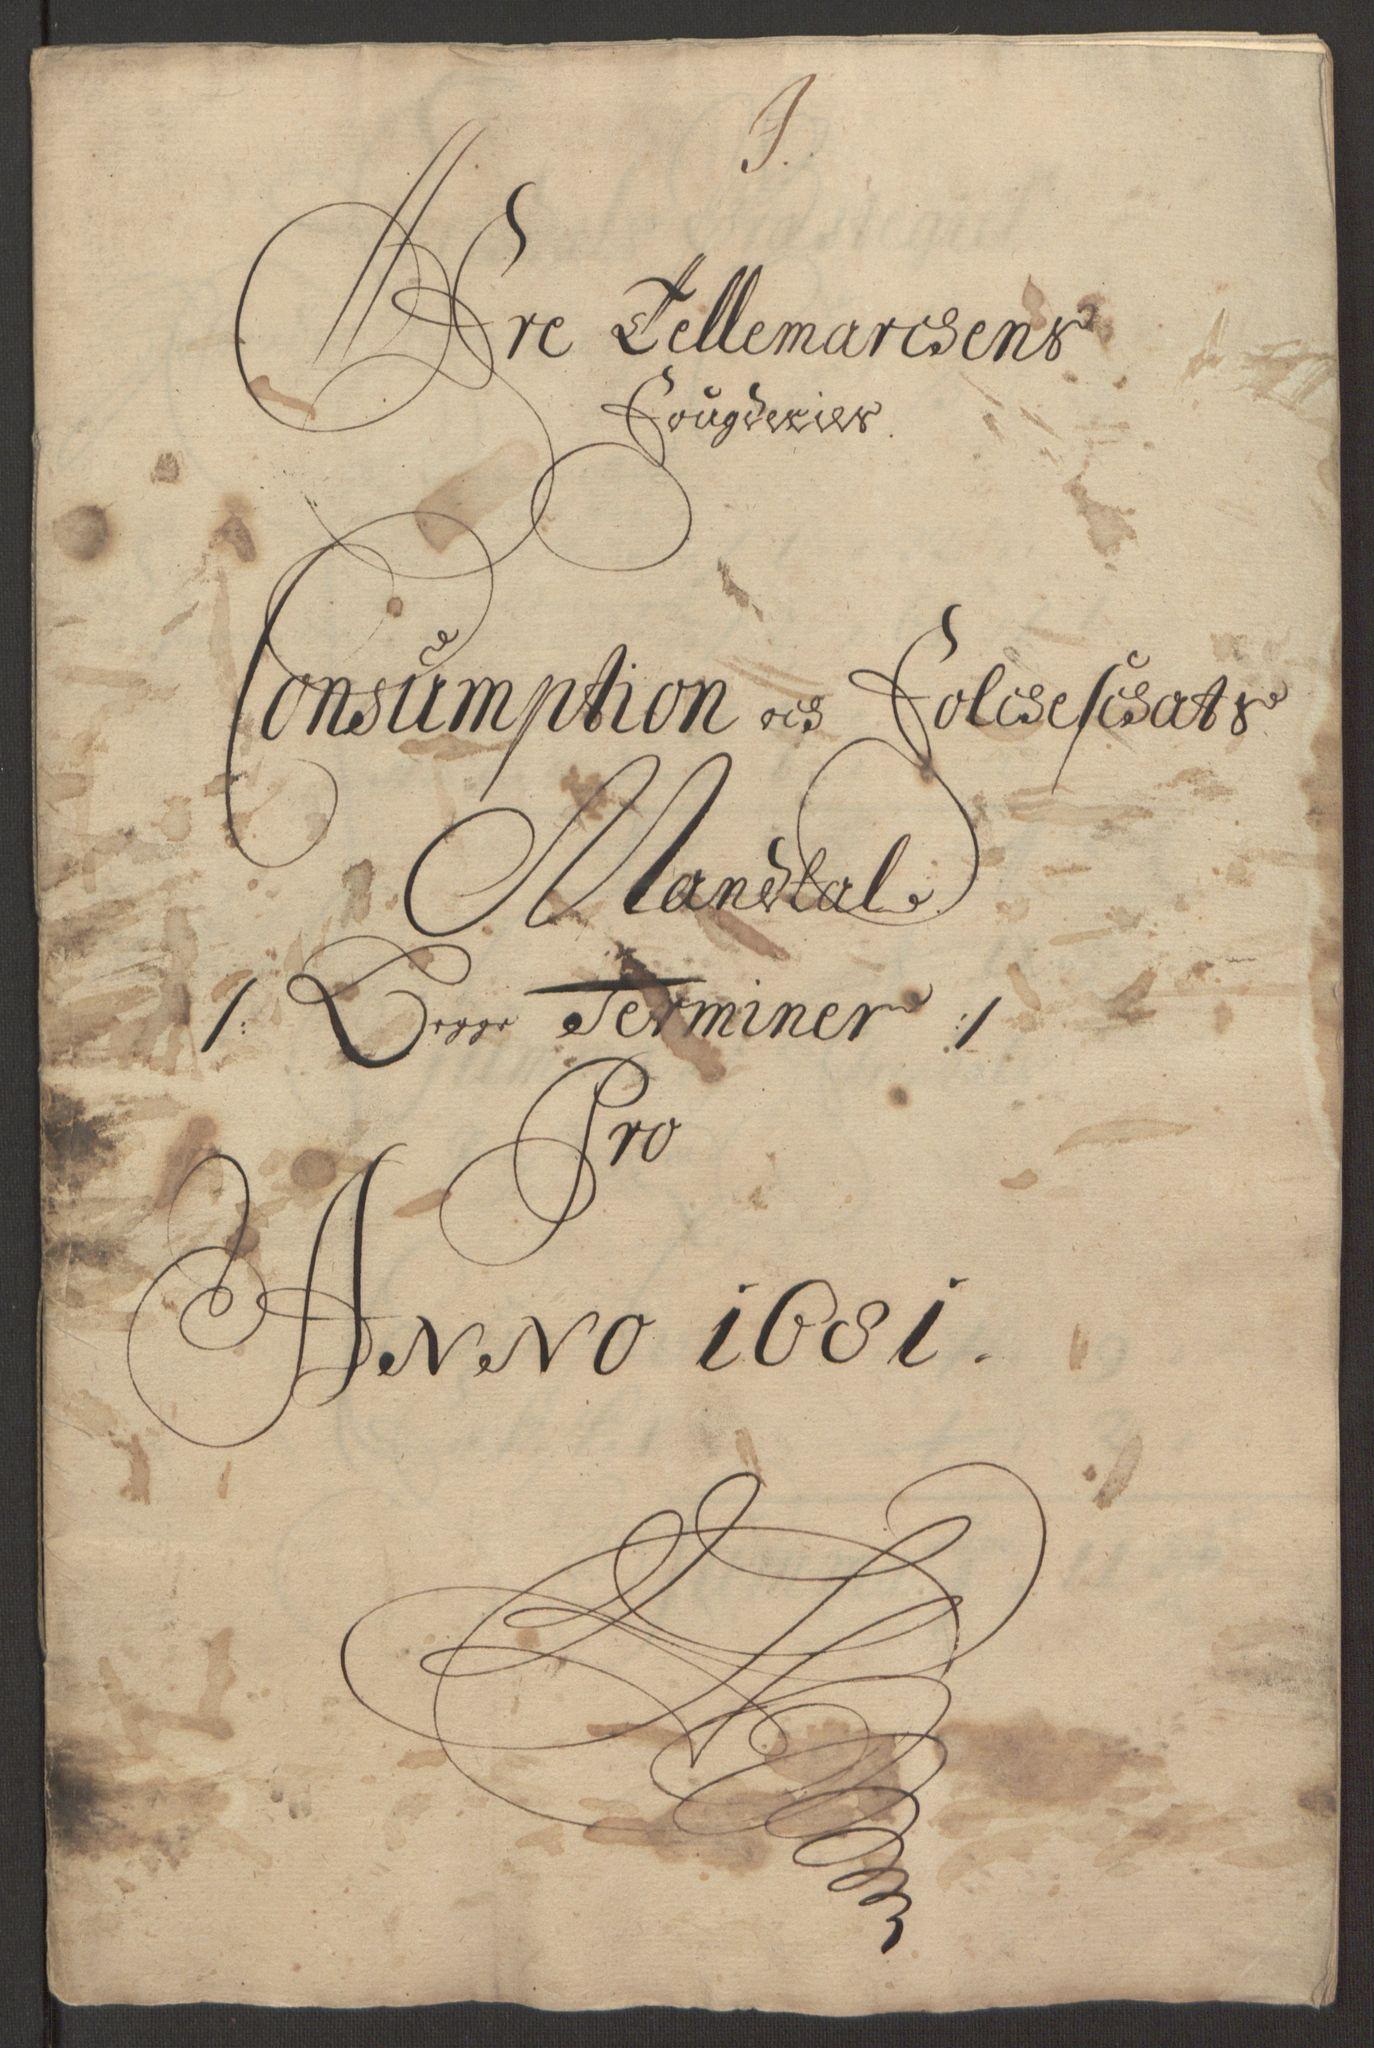 RA, Rentekammeret inntil 1814, Reviderte regnskaper, Fogderegnskap, R35/L2077: Fogderegnskap Øvre og Nedre Telemark, 1680-1684, s. 278